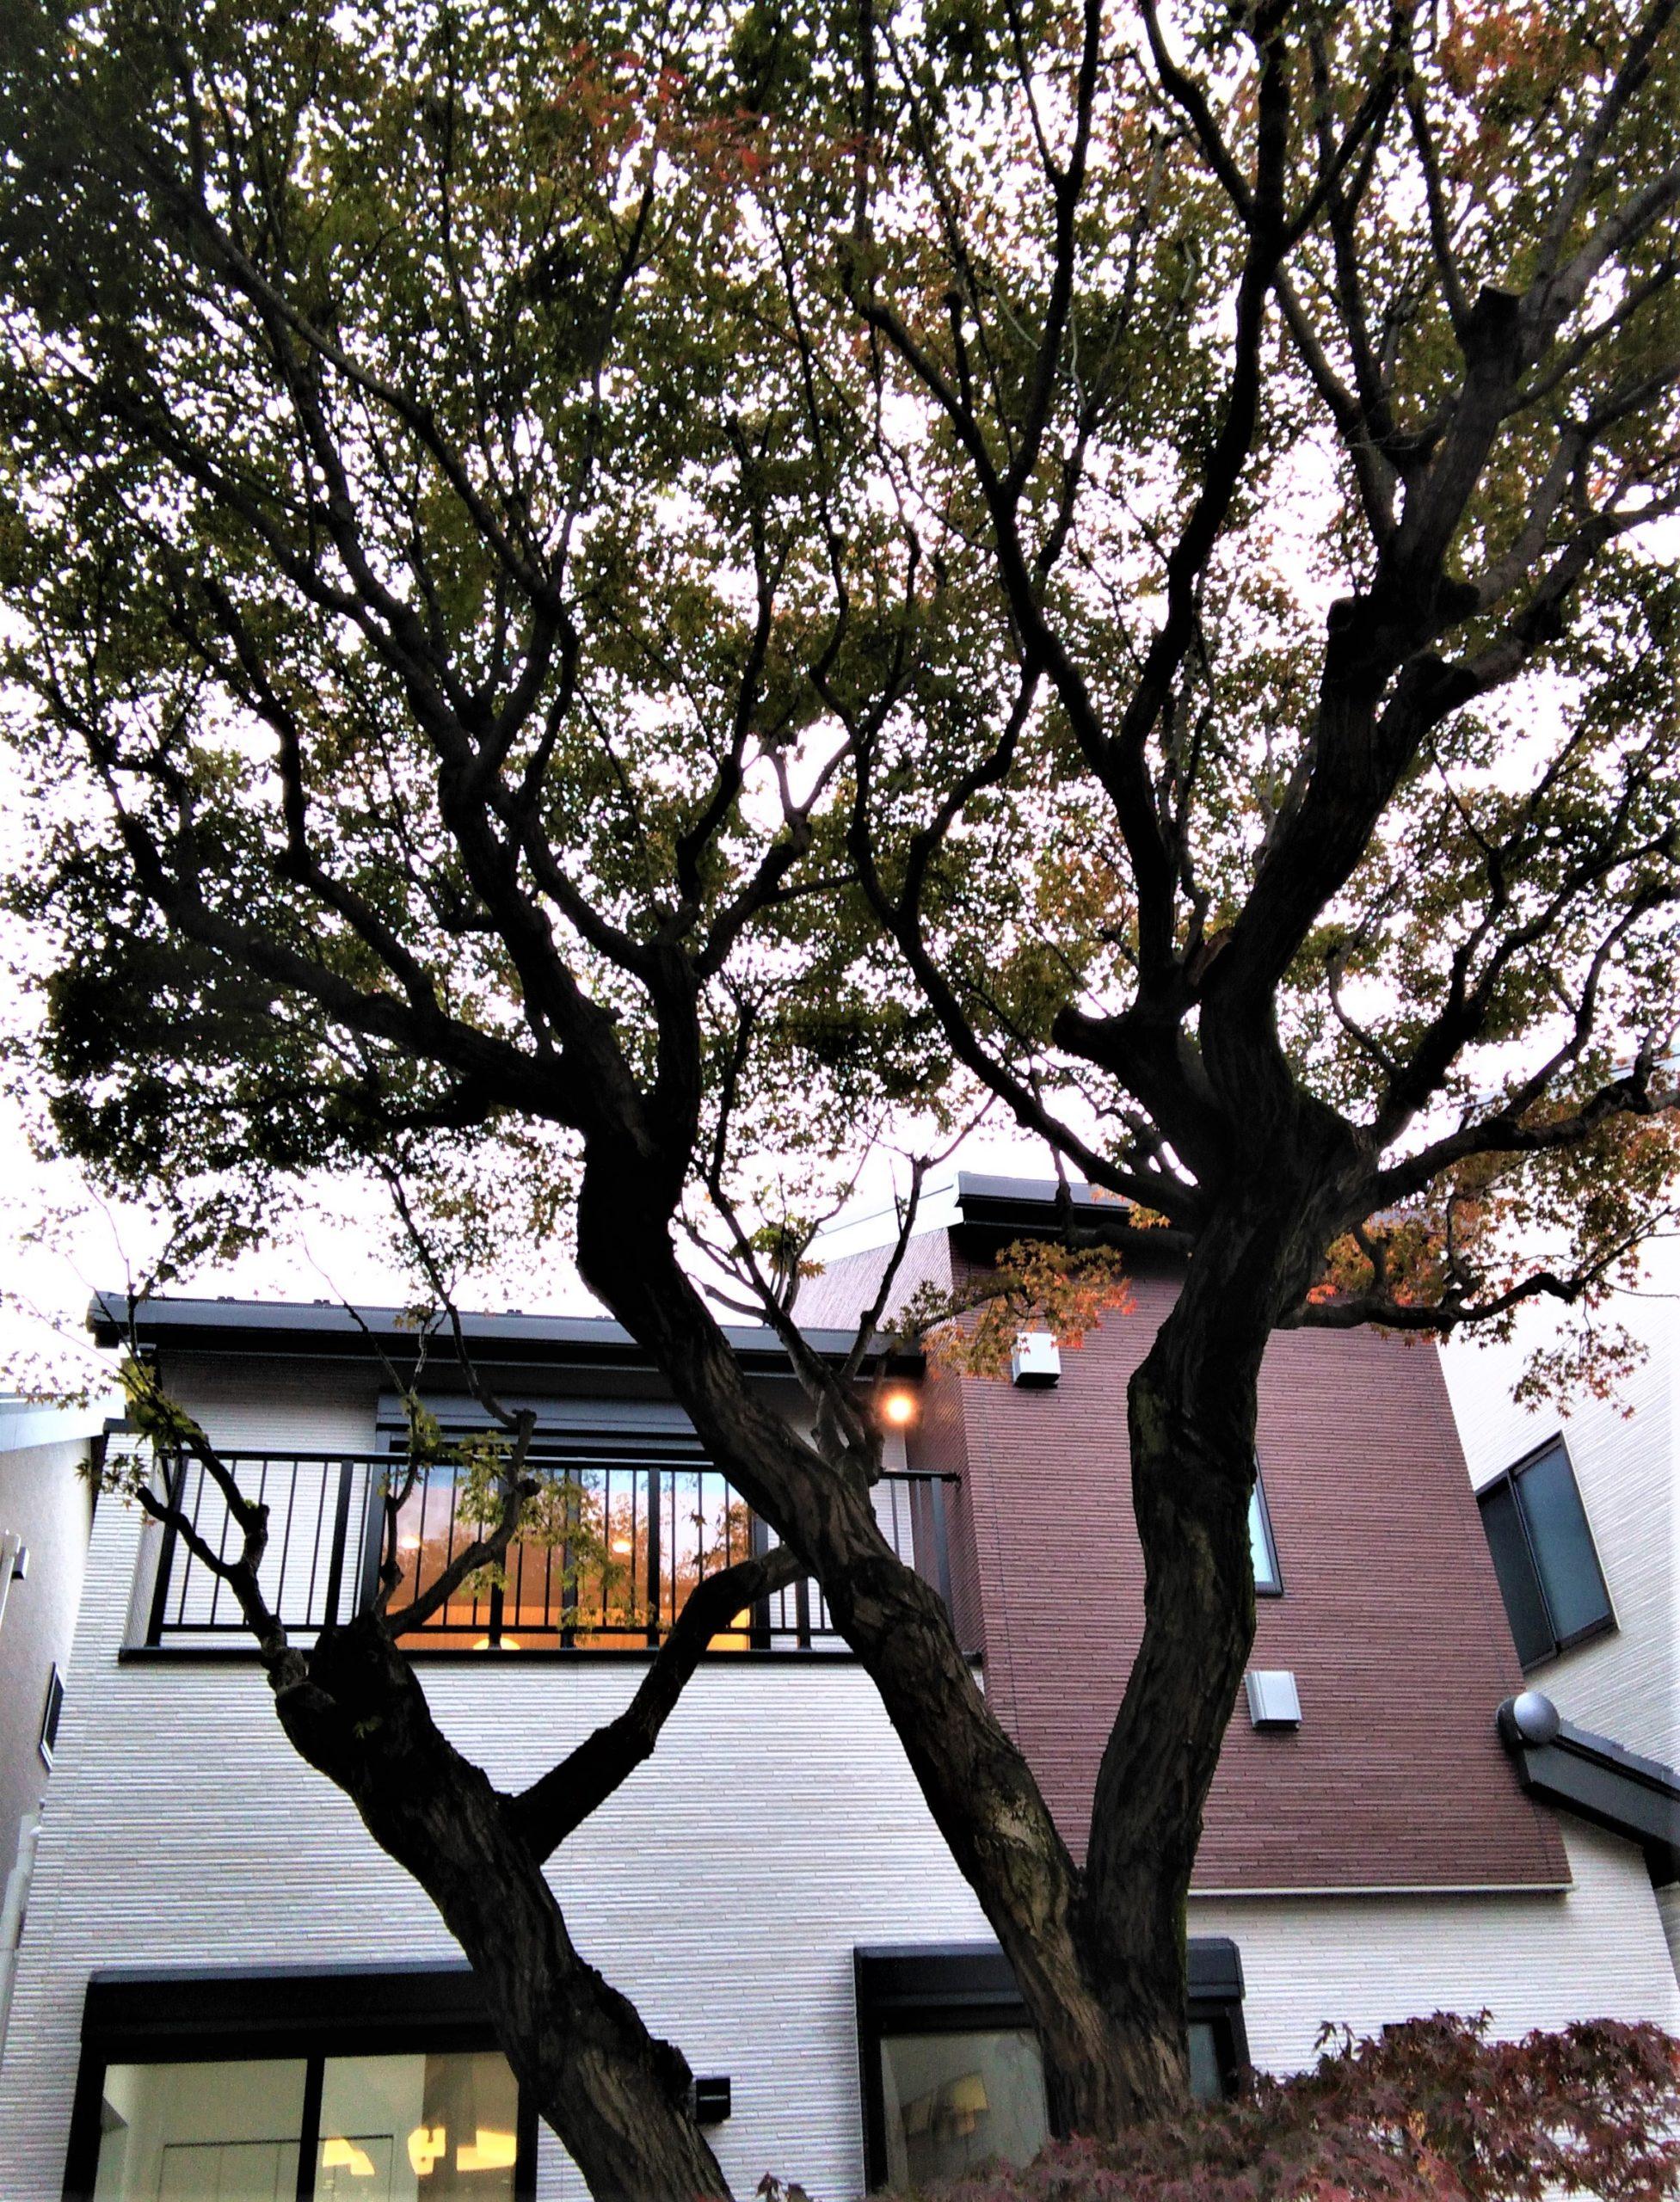 ポラス、練馬の農園別荘跡地に分譲住宅―格式を継承、2カ月弱で9棟中8棟成約